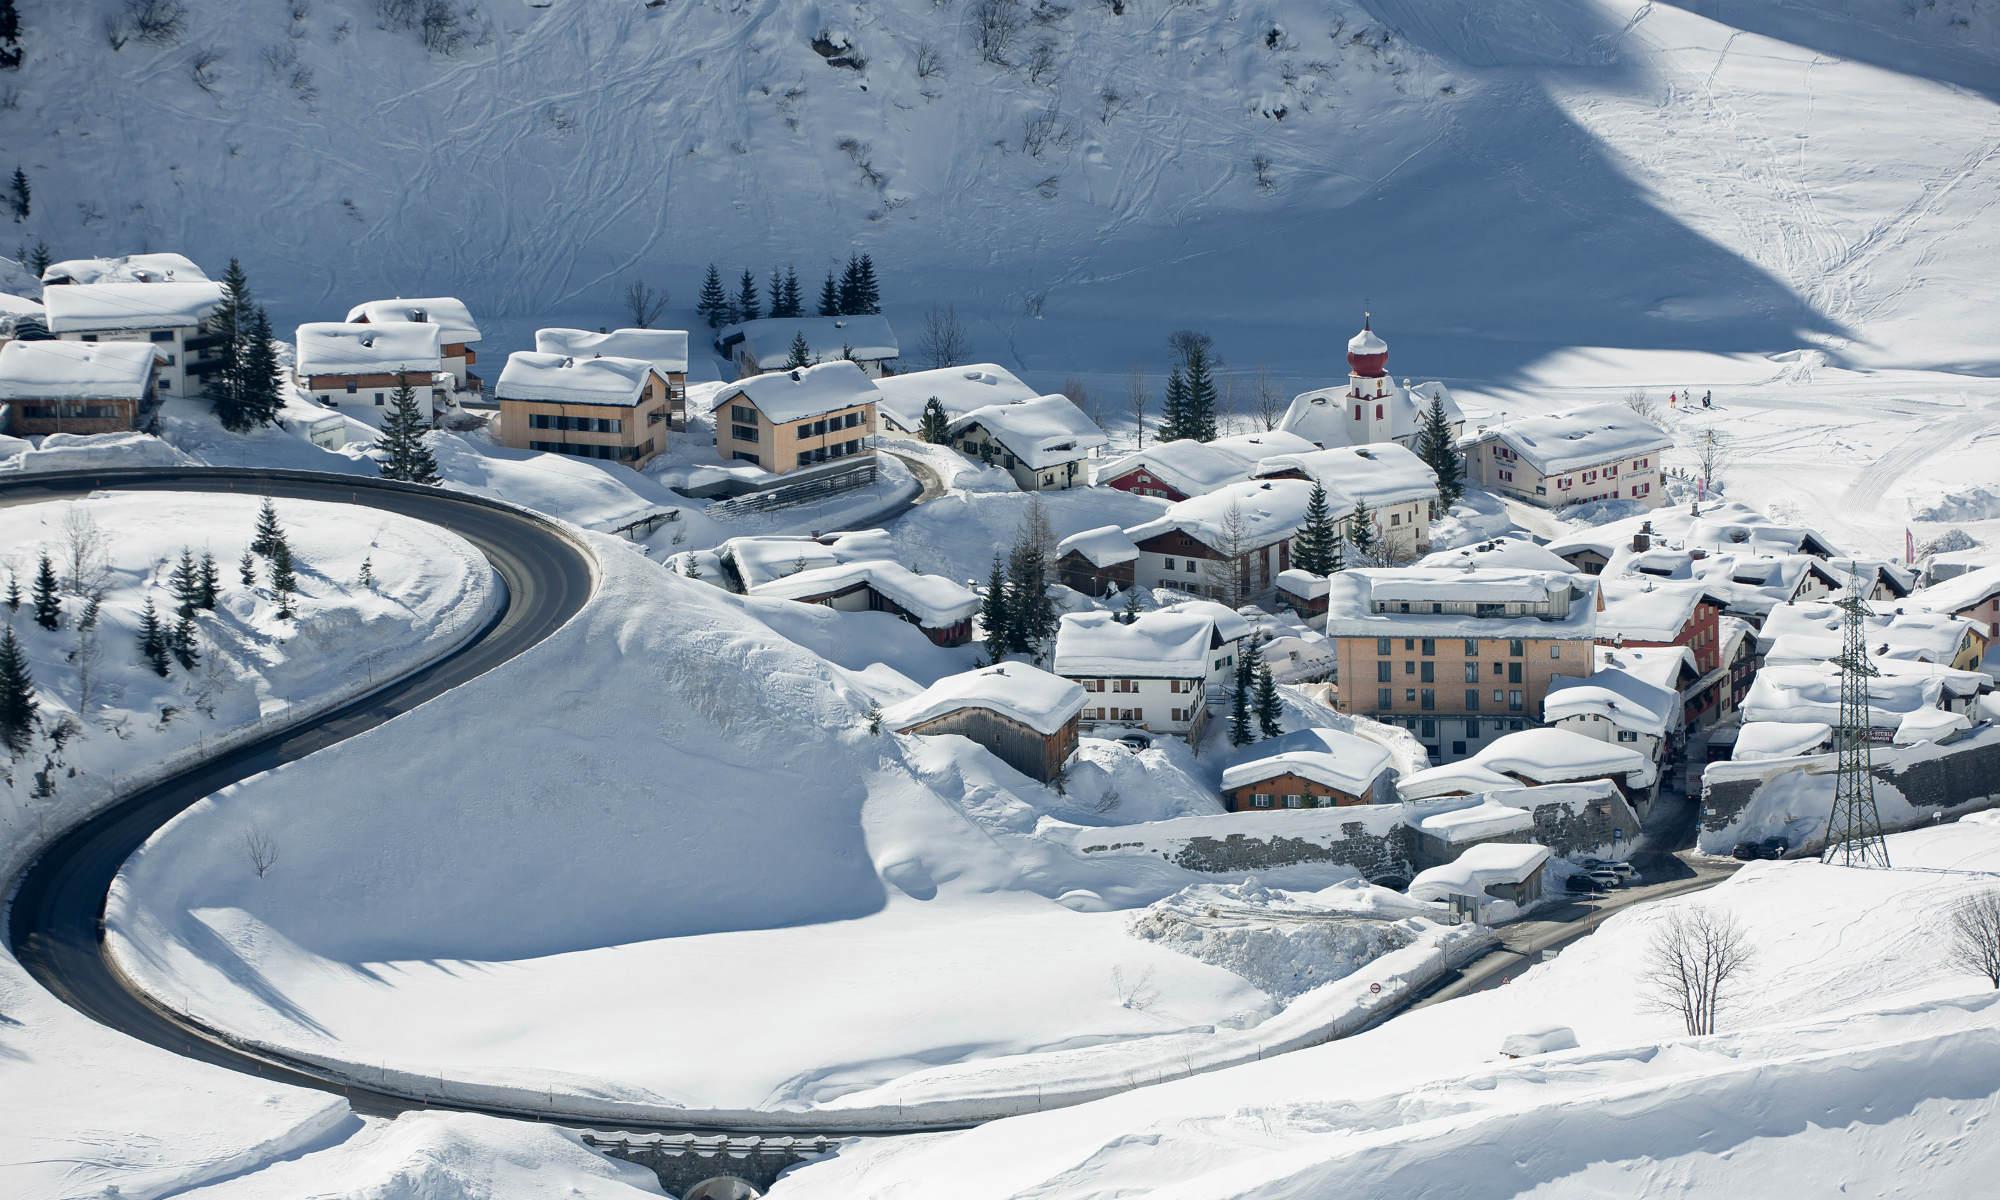 Ein Blick von oben auf das tief verschneite Bergdorf Stuben am Arlberg.